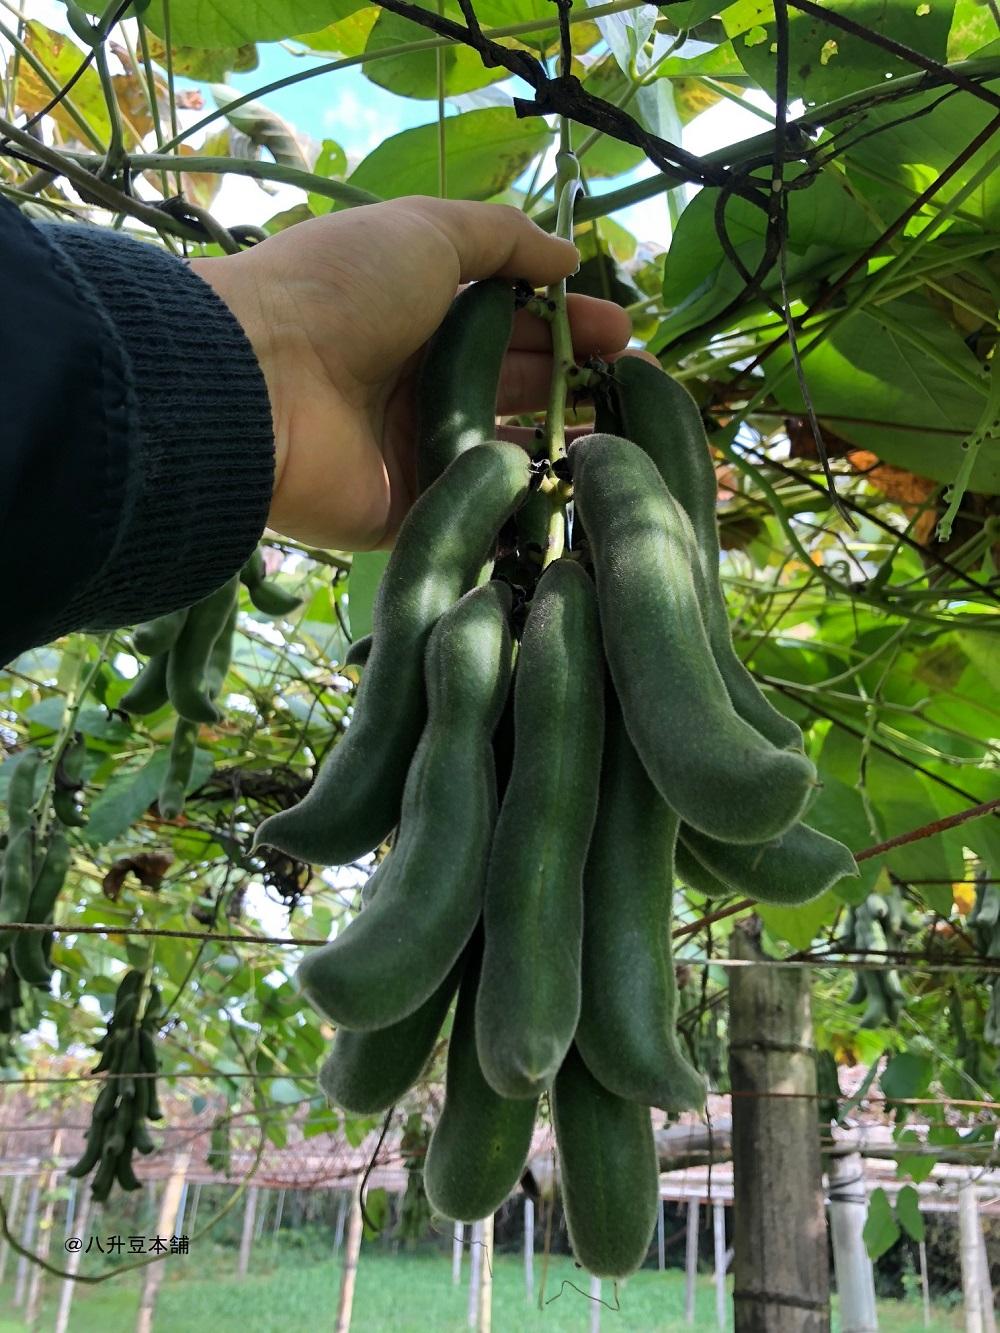 ムクナ豆(八升豆)パウダー250g入り 国産ムクナ豆100% 無農薬自然栽培